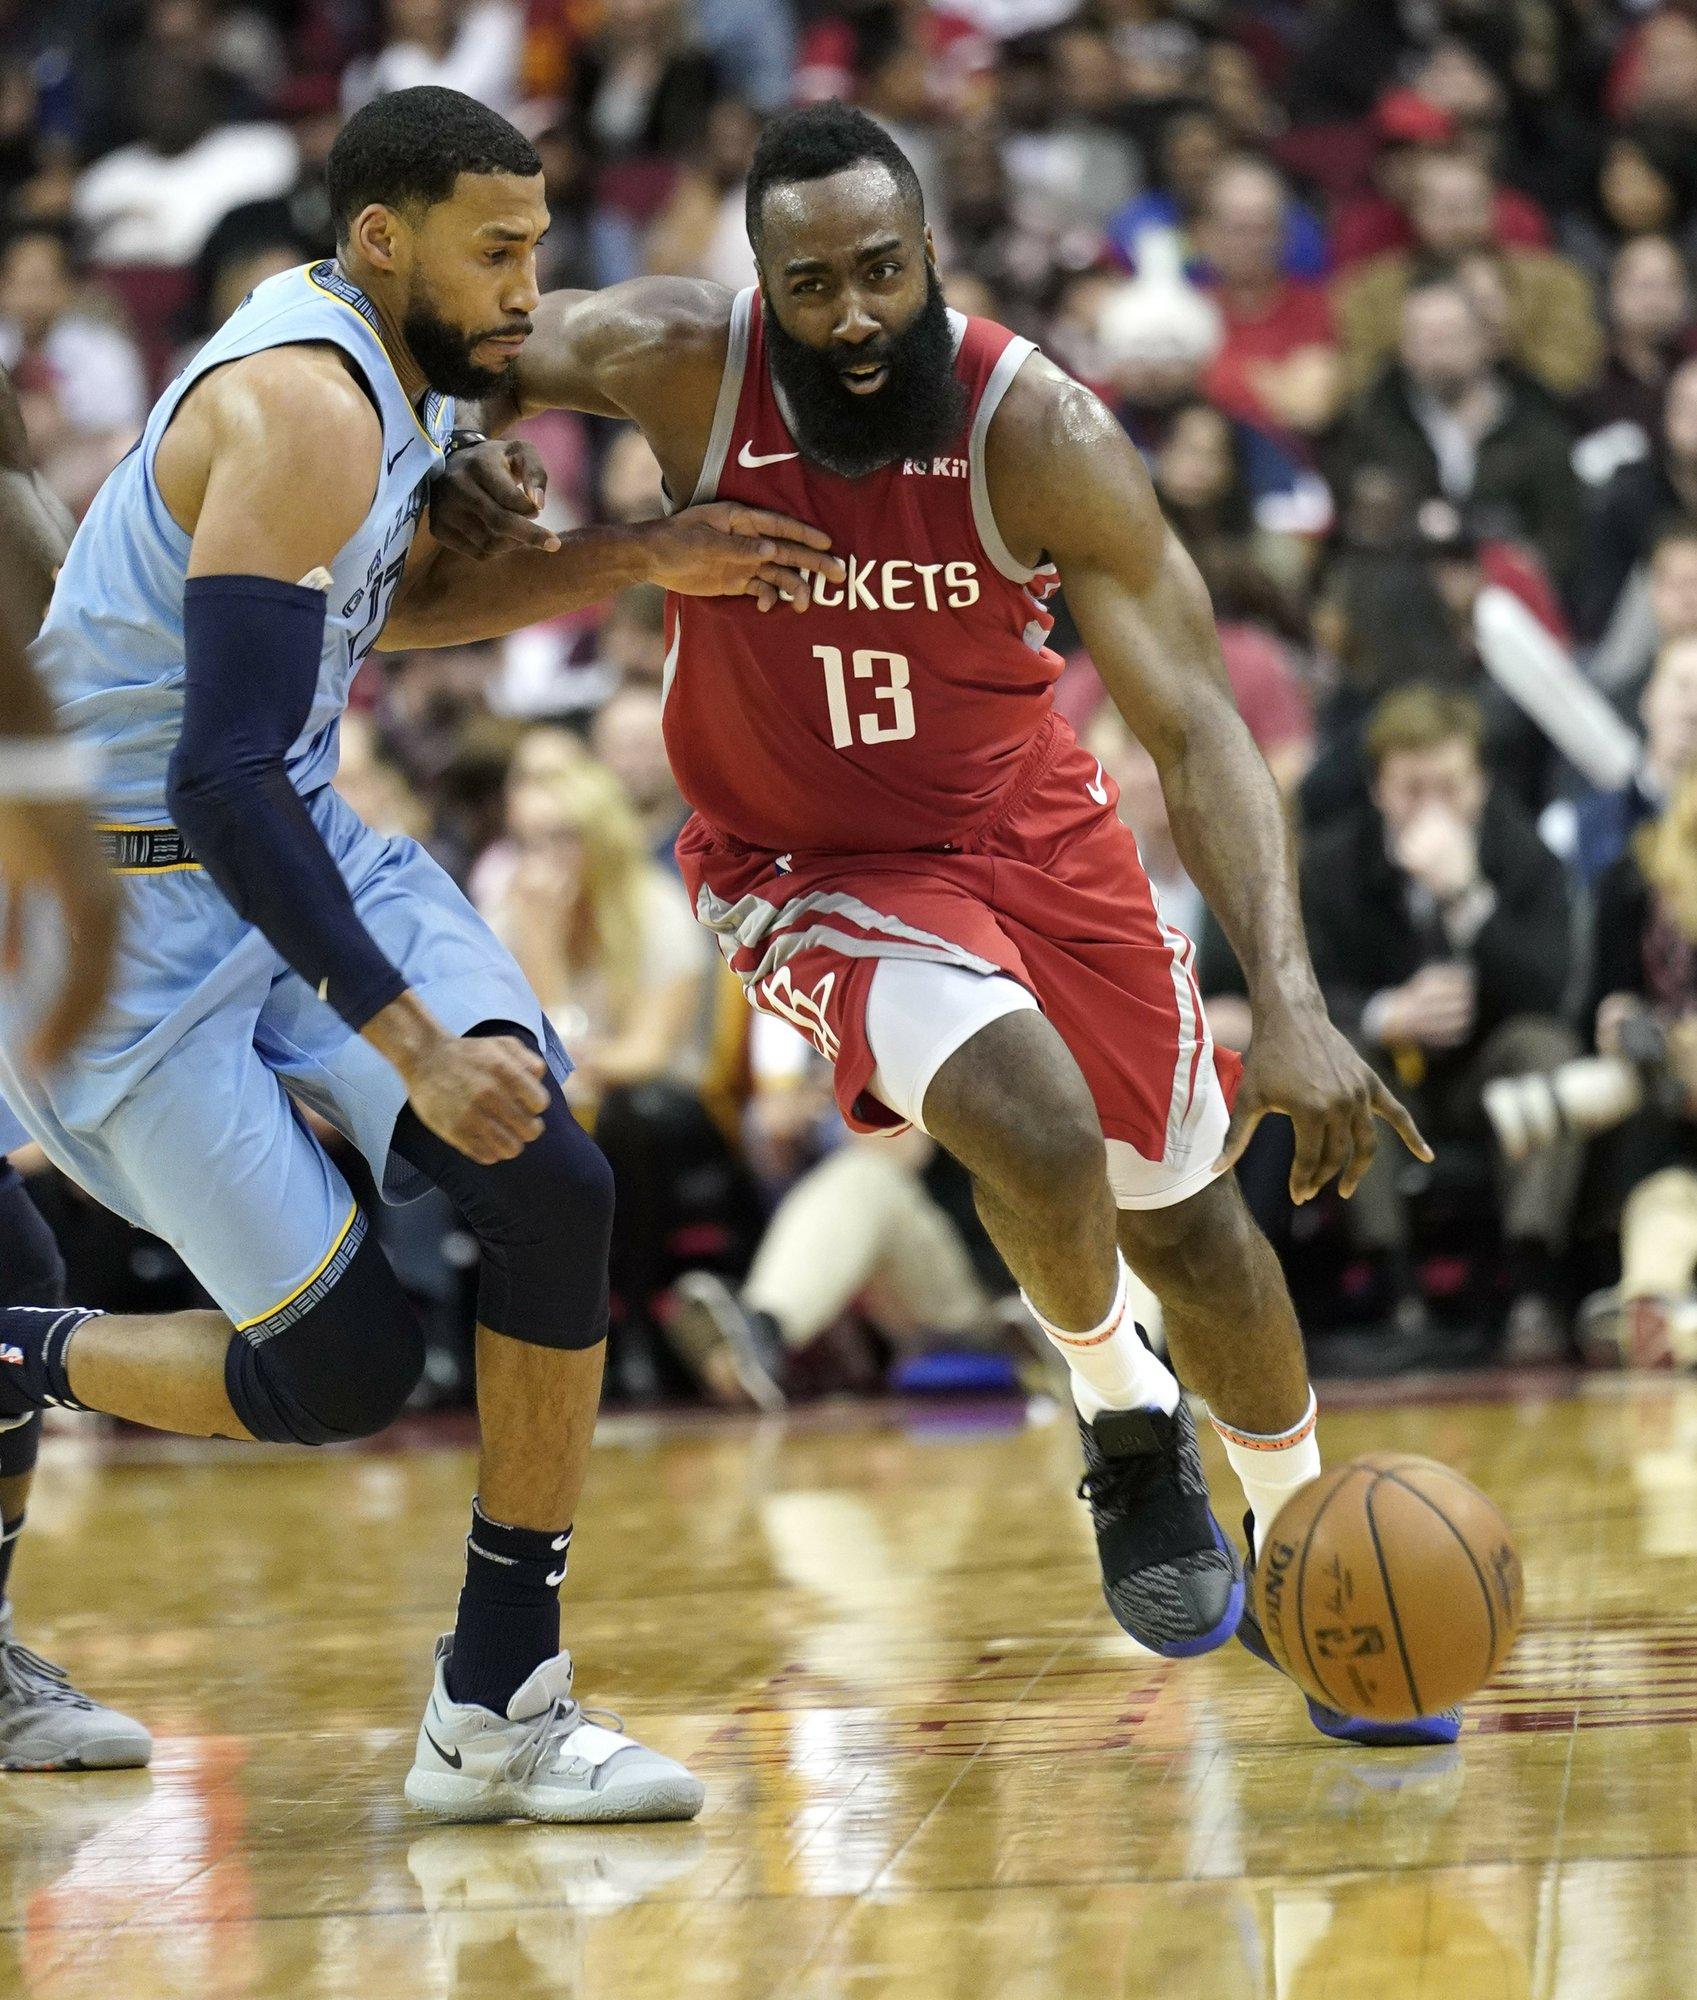 d7215ac4ae41 Harden scores season-high 57 as Rockets top Grizzlies 112-94